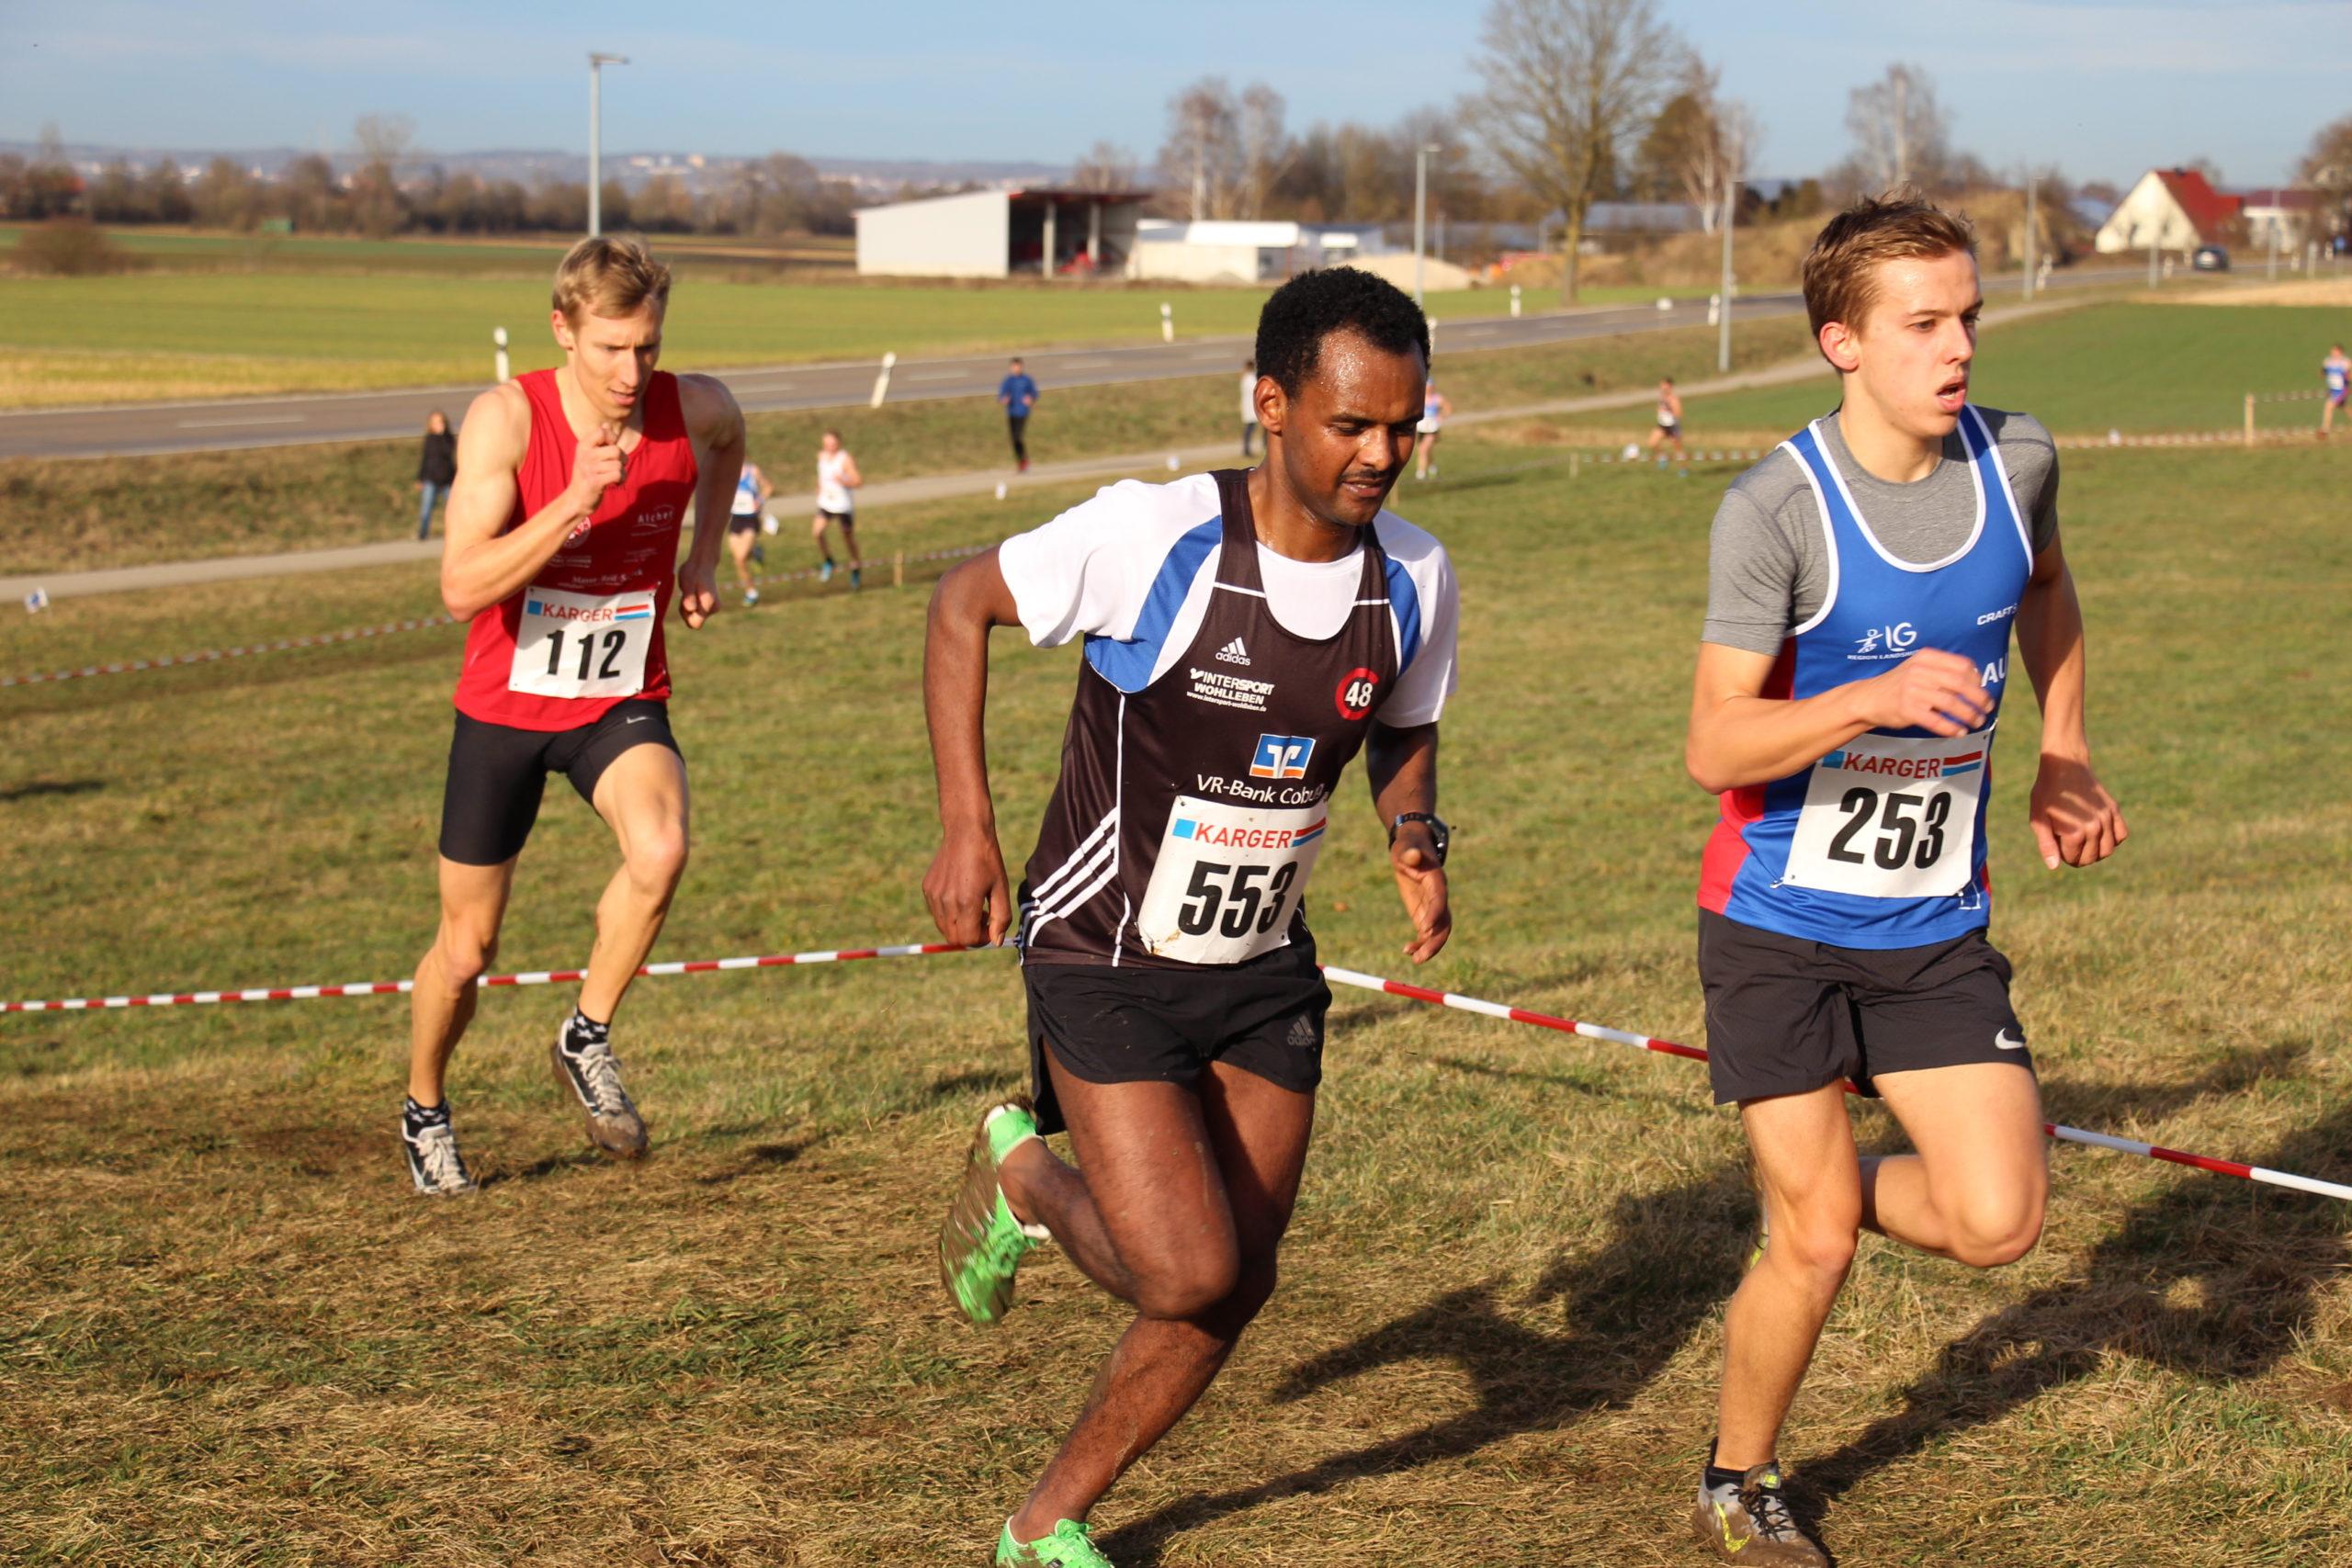 Bayerische Crosslaufmeisterschaften in Buttenwiesen 16.02.2020